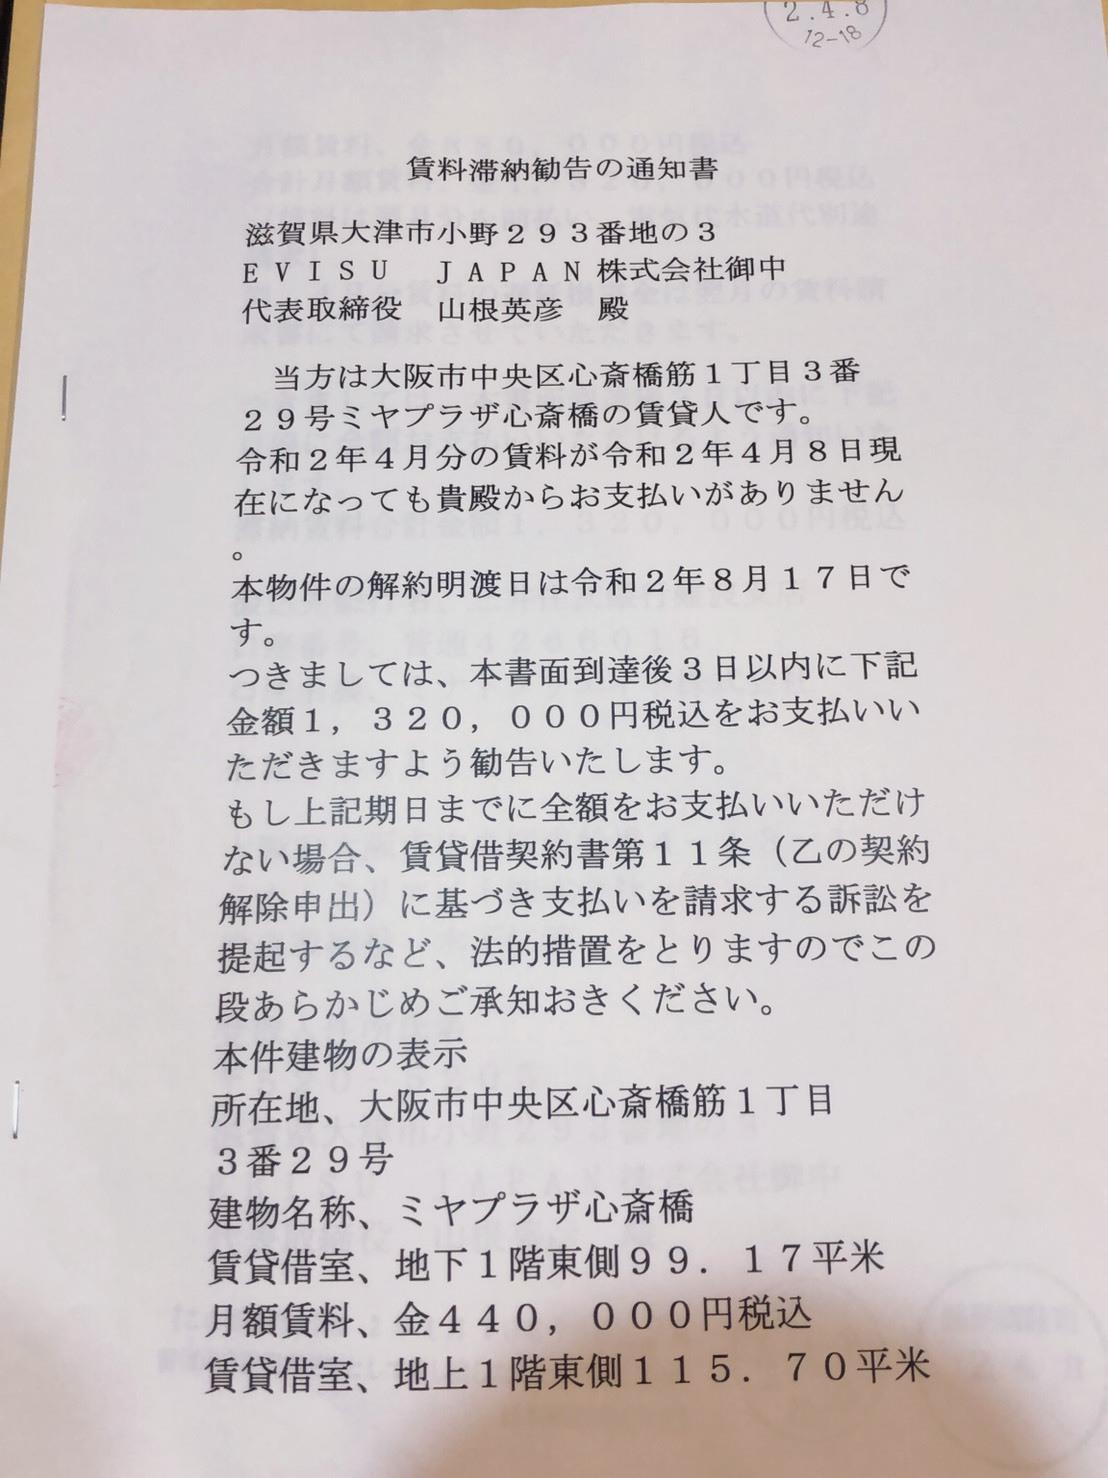 裁判所 突き出され まんねん_a0154045_02031347.jpeg